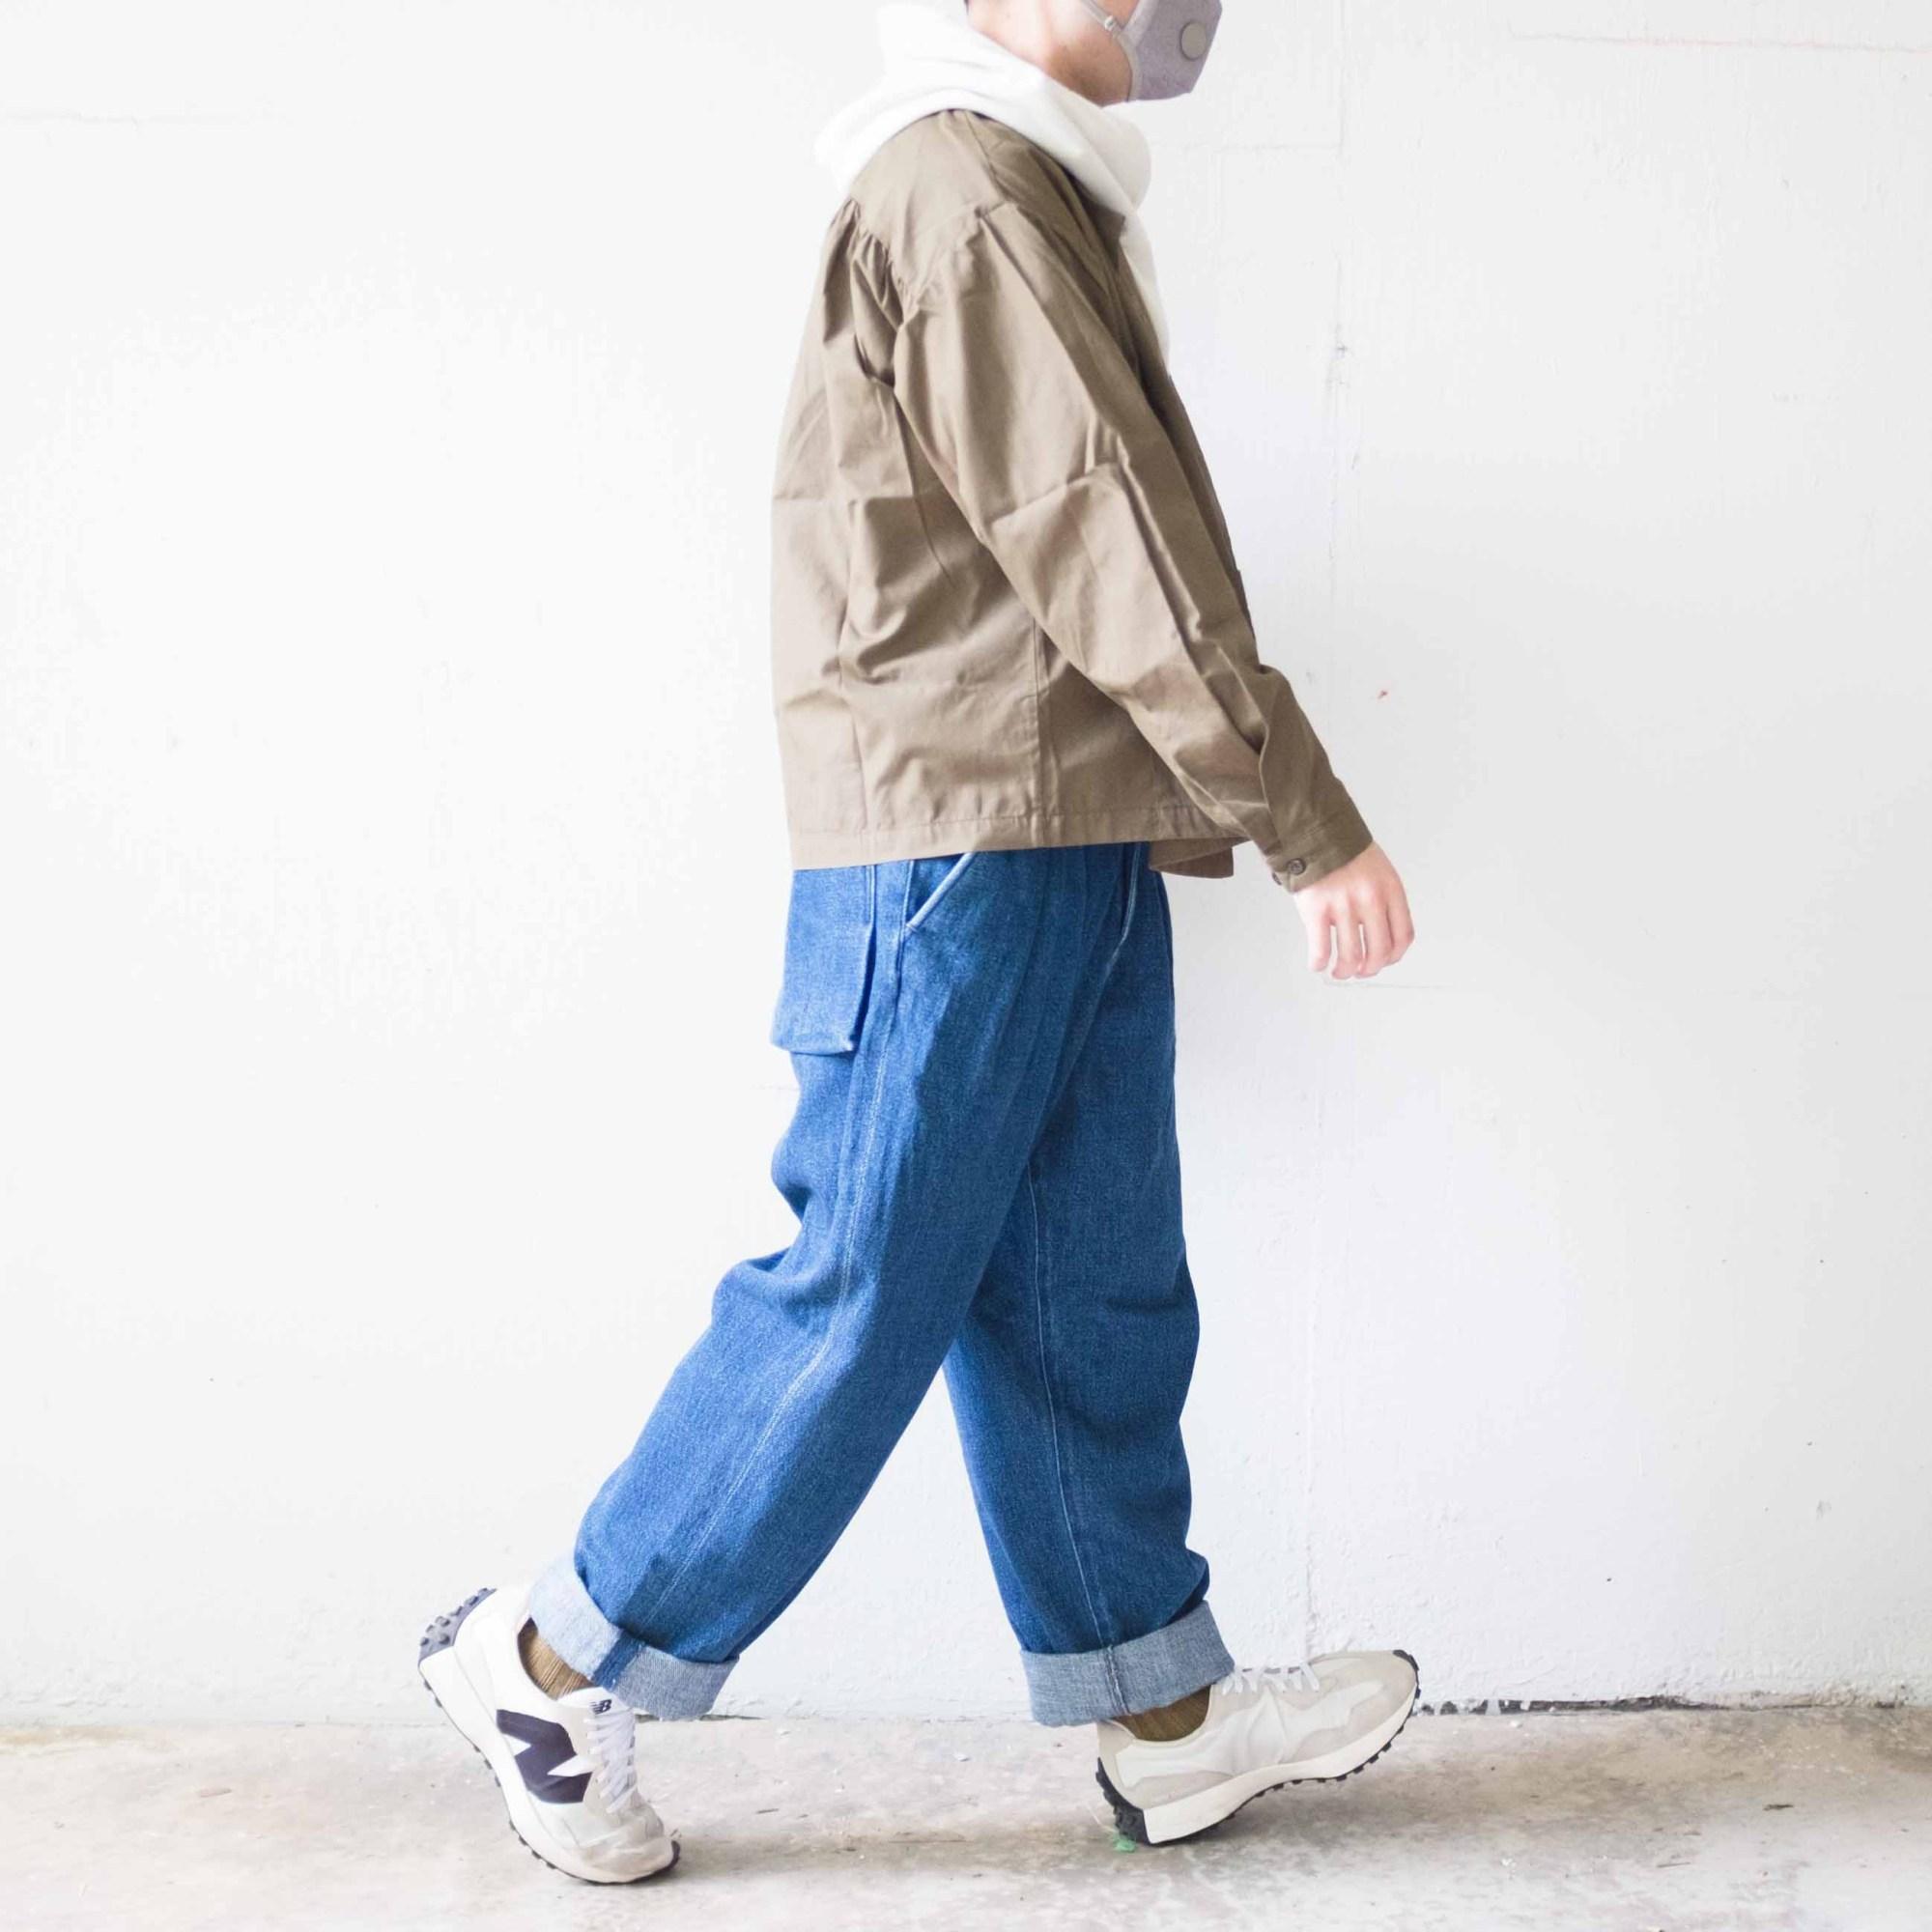 Monitaly field jacket x Kuro wide trousers